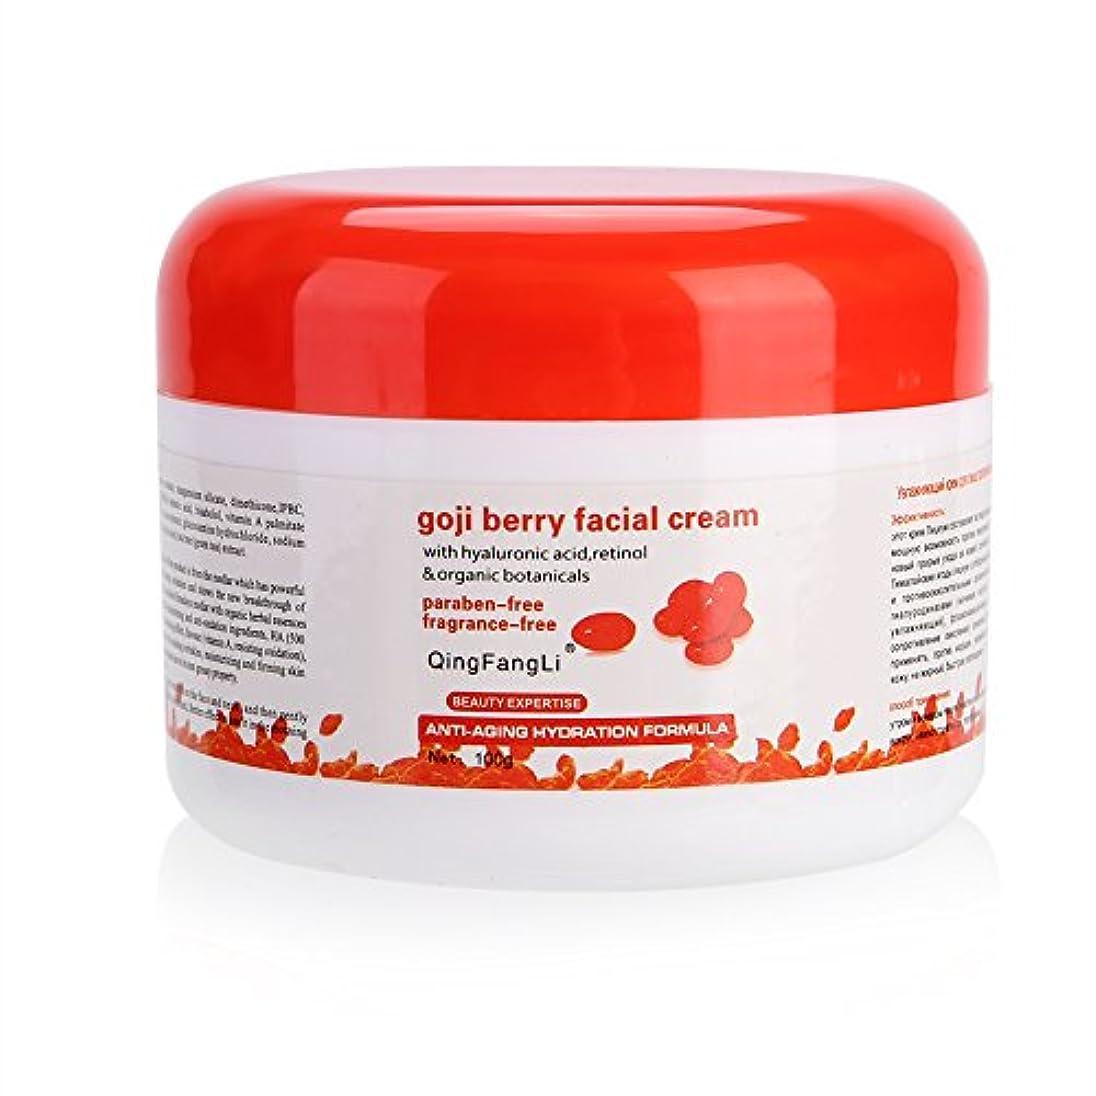 平和的廃止するバイソンTranditional Goji Berryホワイトニングモイスチャライゼーション活性化抗酸化デイ/ナイトクリーム